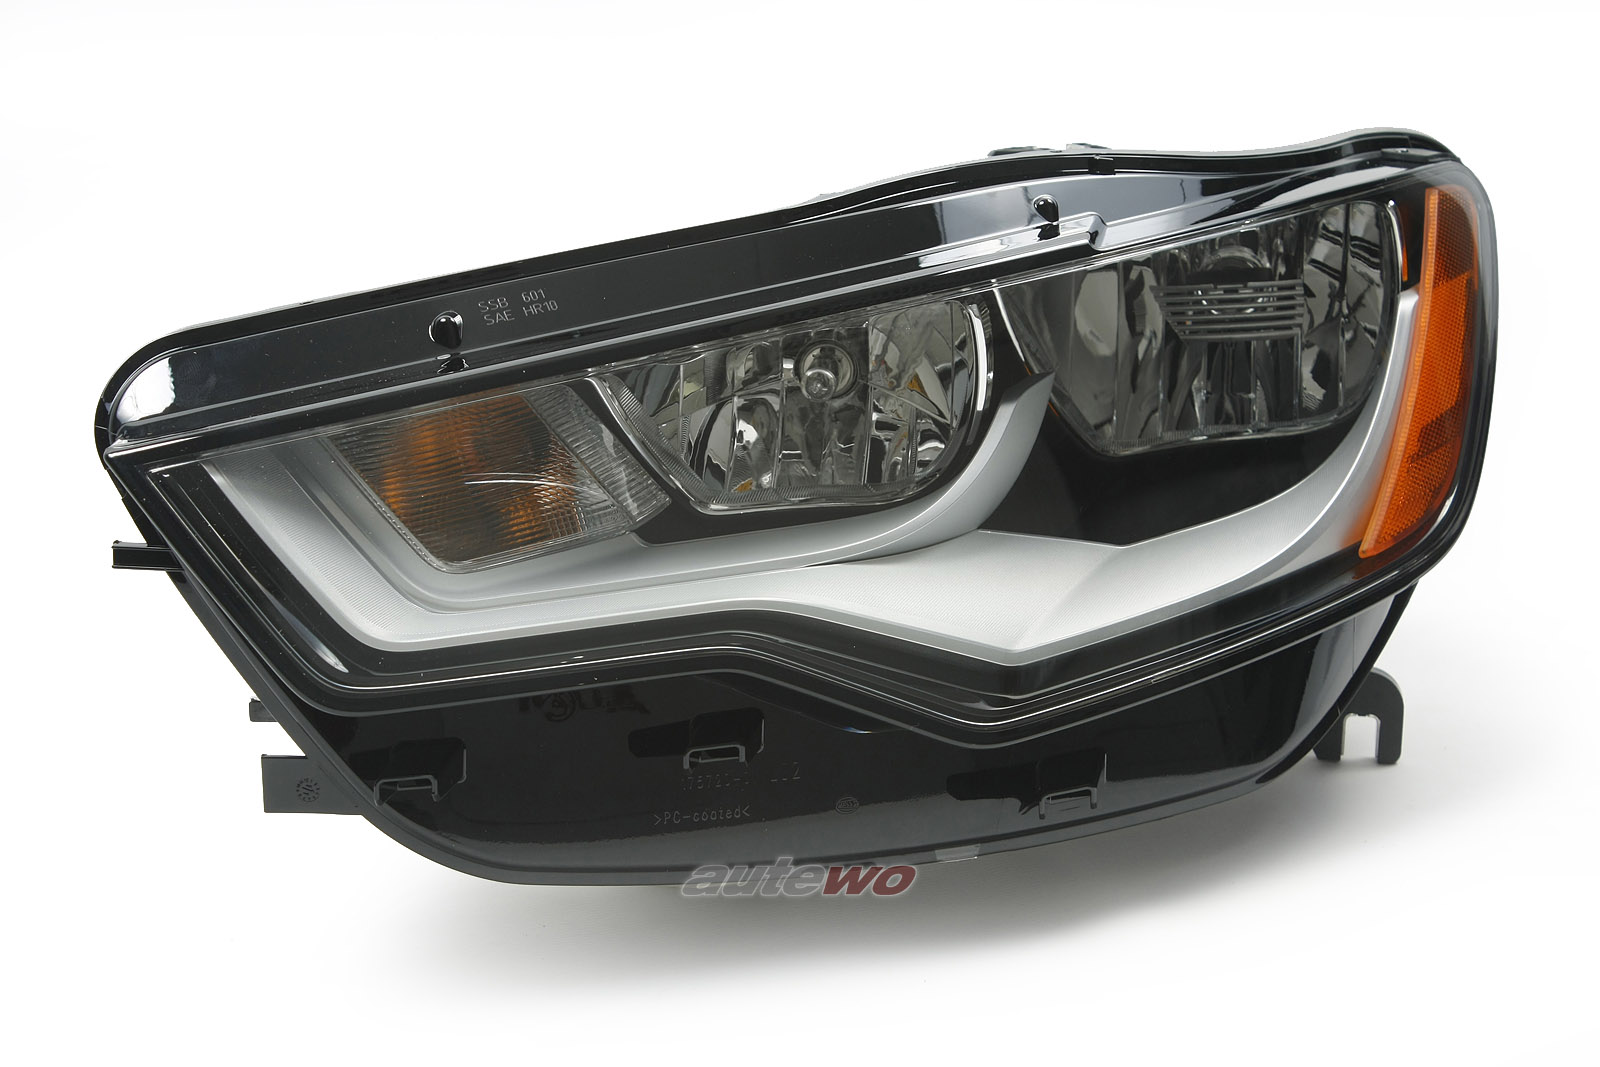 4G0941003B NEU Audi A6 4G Halogenscheinwerfer US-Ausführung Links